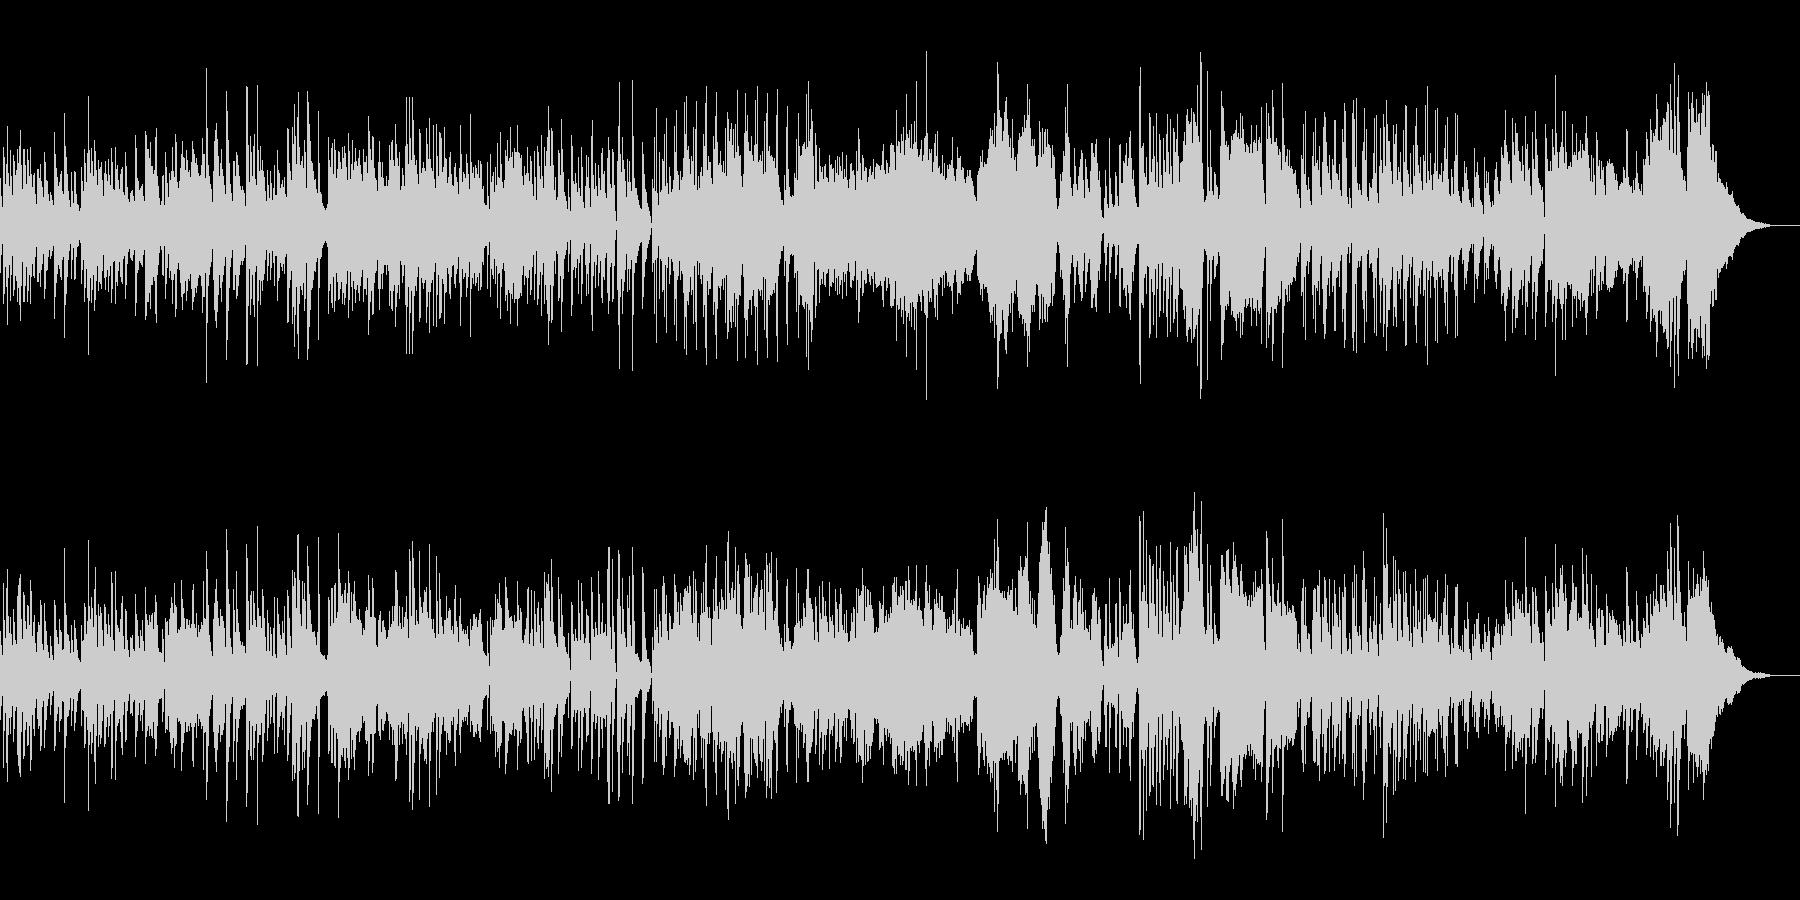 グリーンスリーブス合唱X'masジャズ の未再生の波形